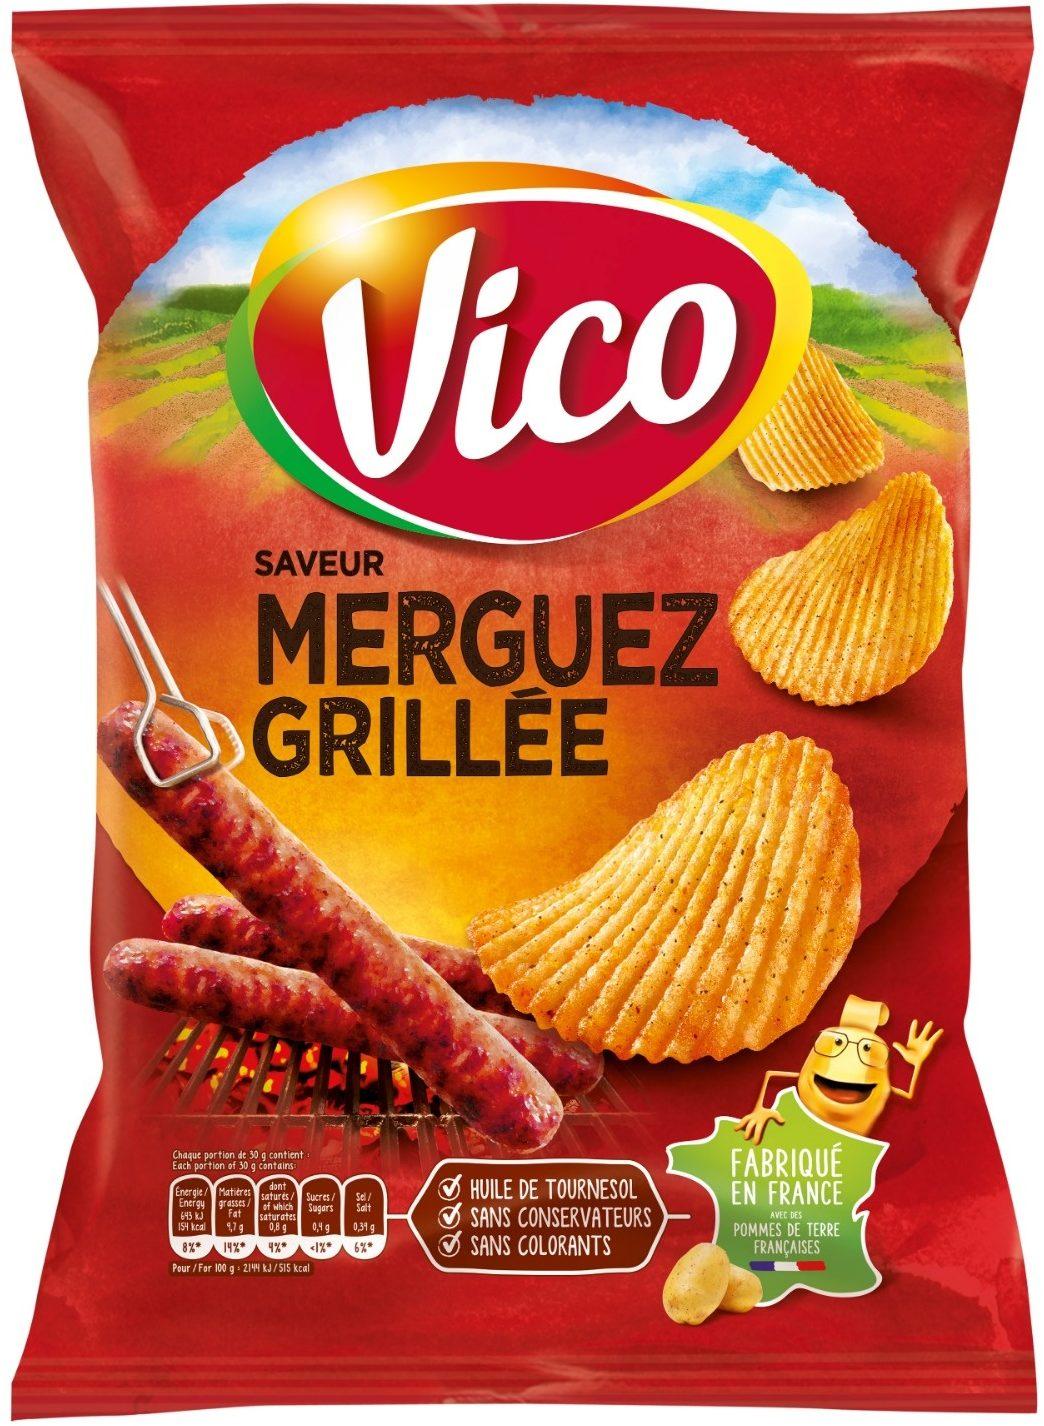 Chips Saveur Merguez Grillée - Product